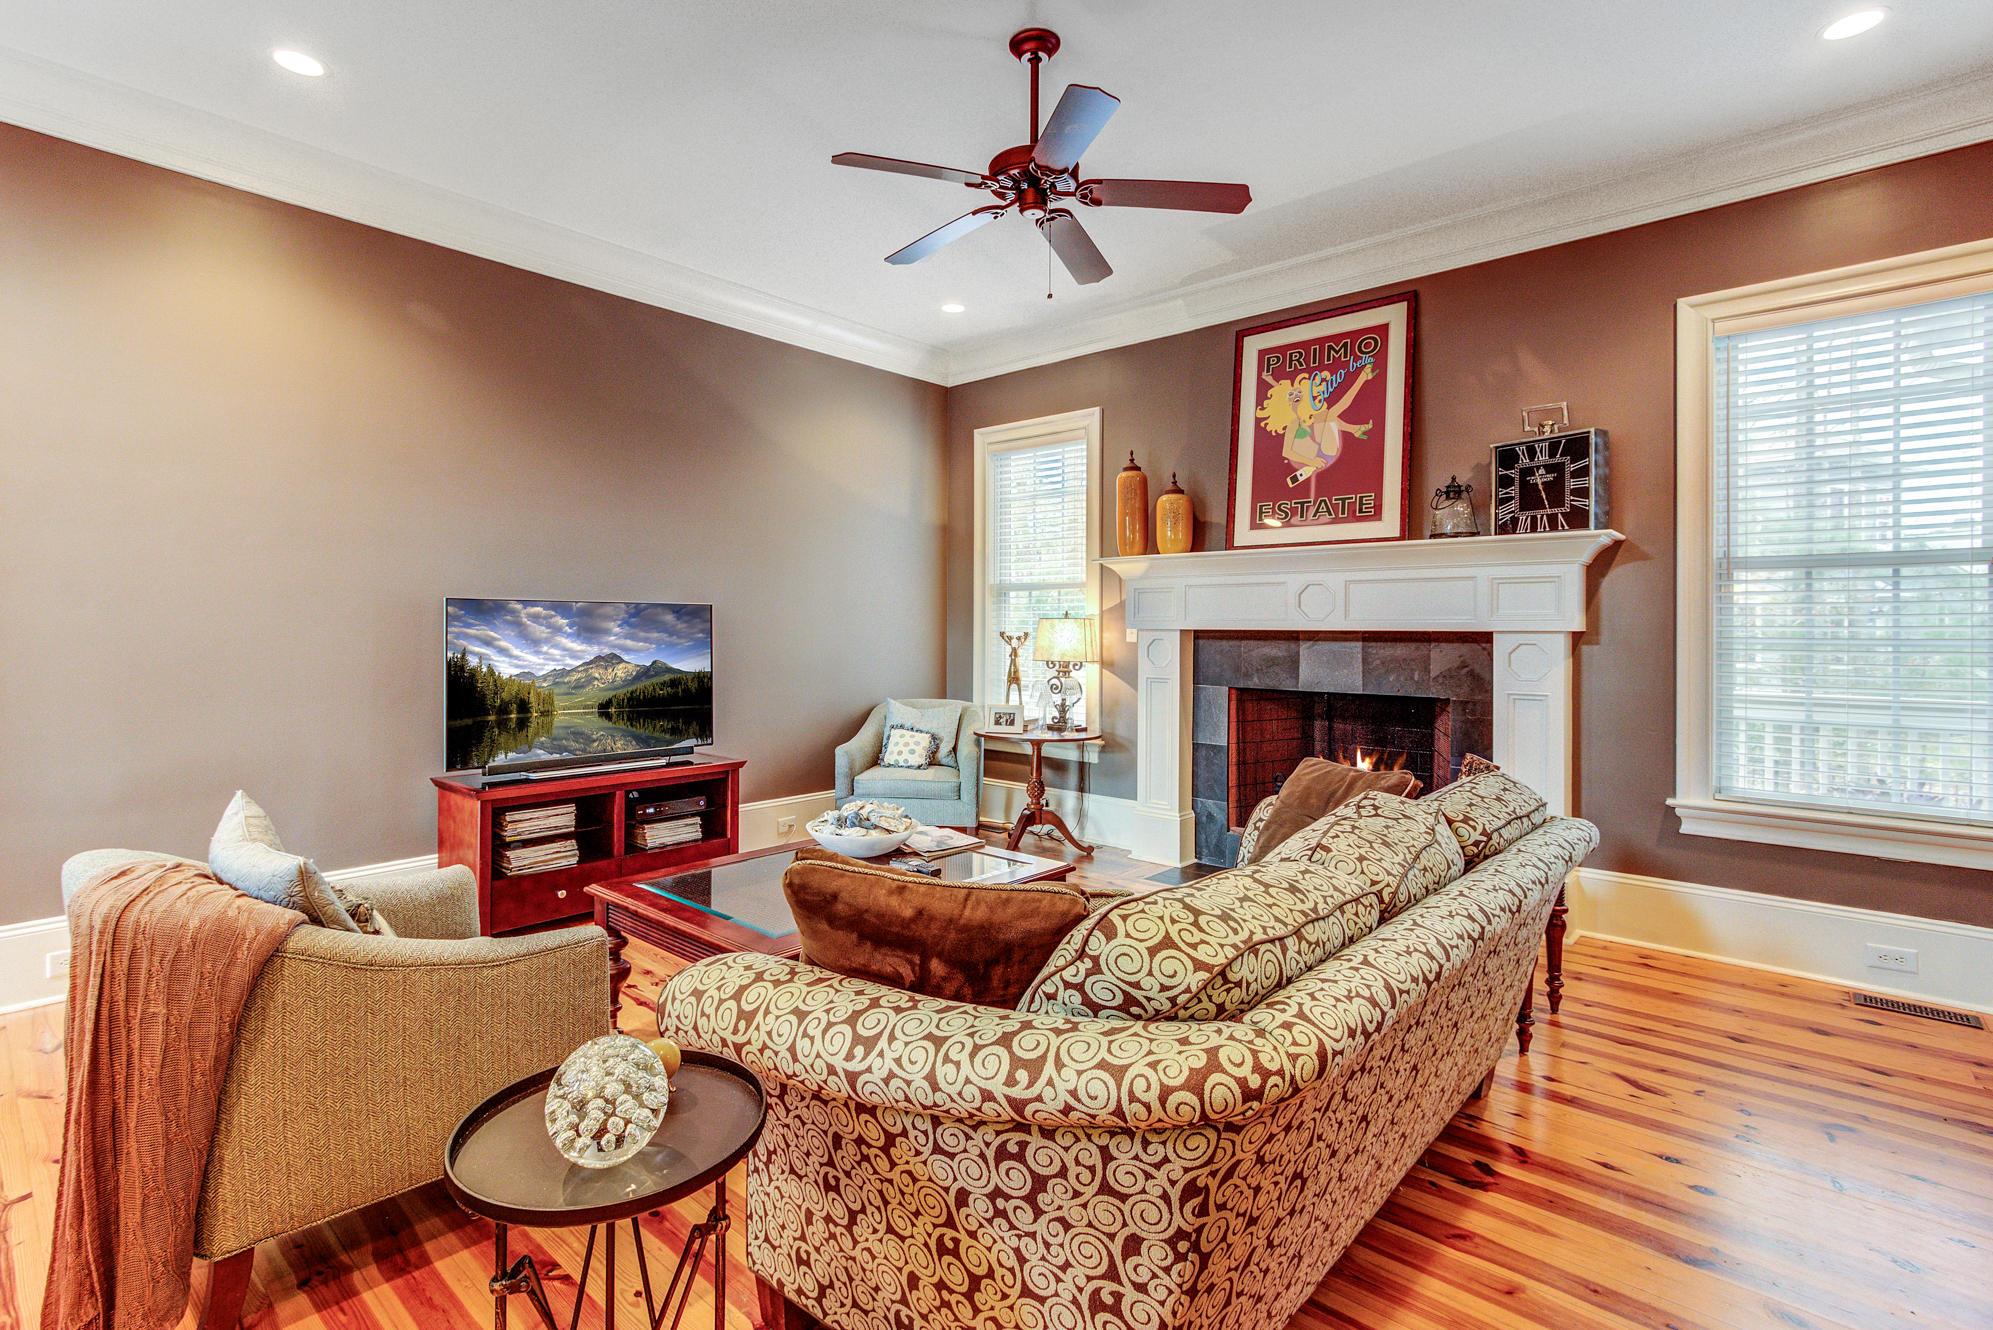 Park West Homes For Sale - 1527 Capel, Mount Pleasant, SC - 8